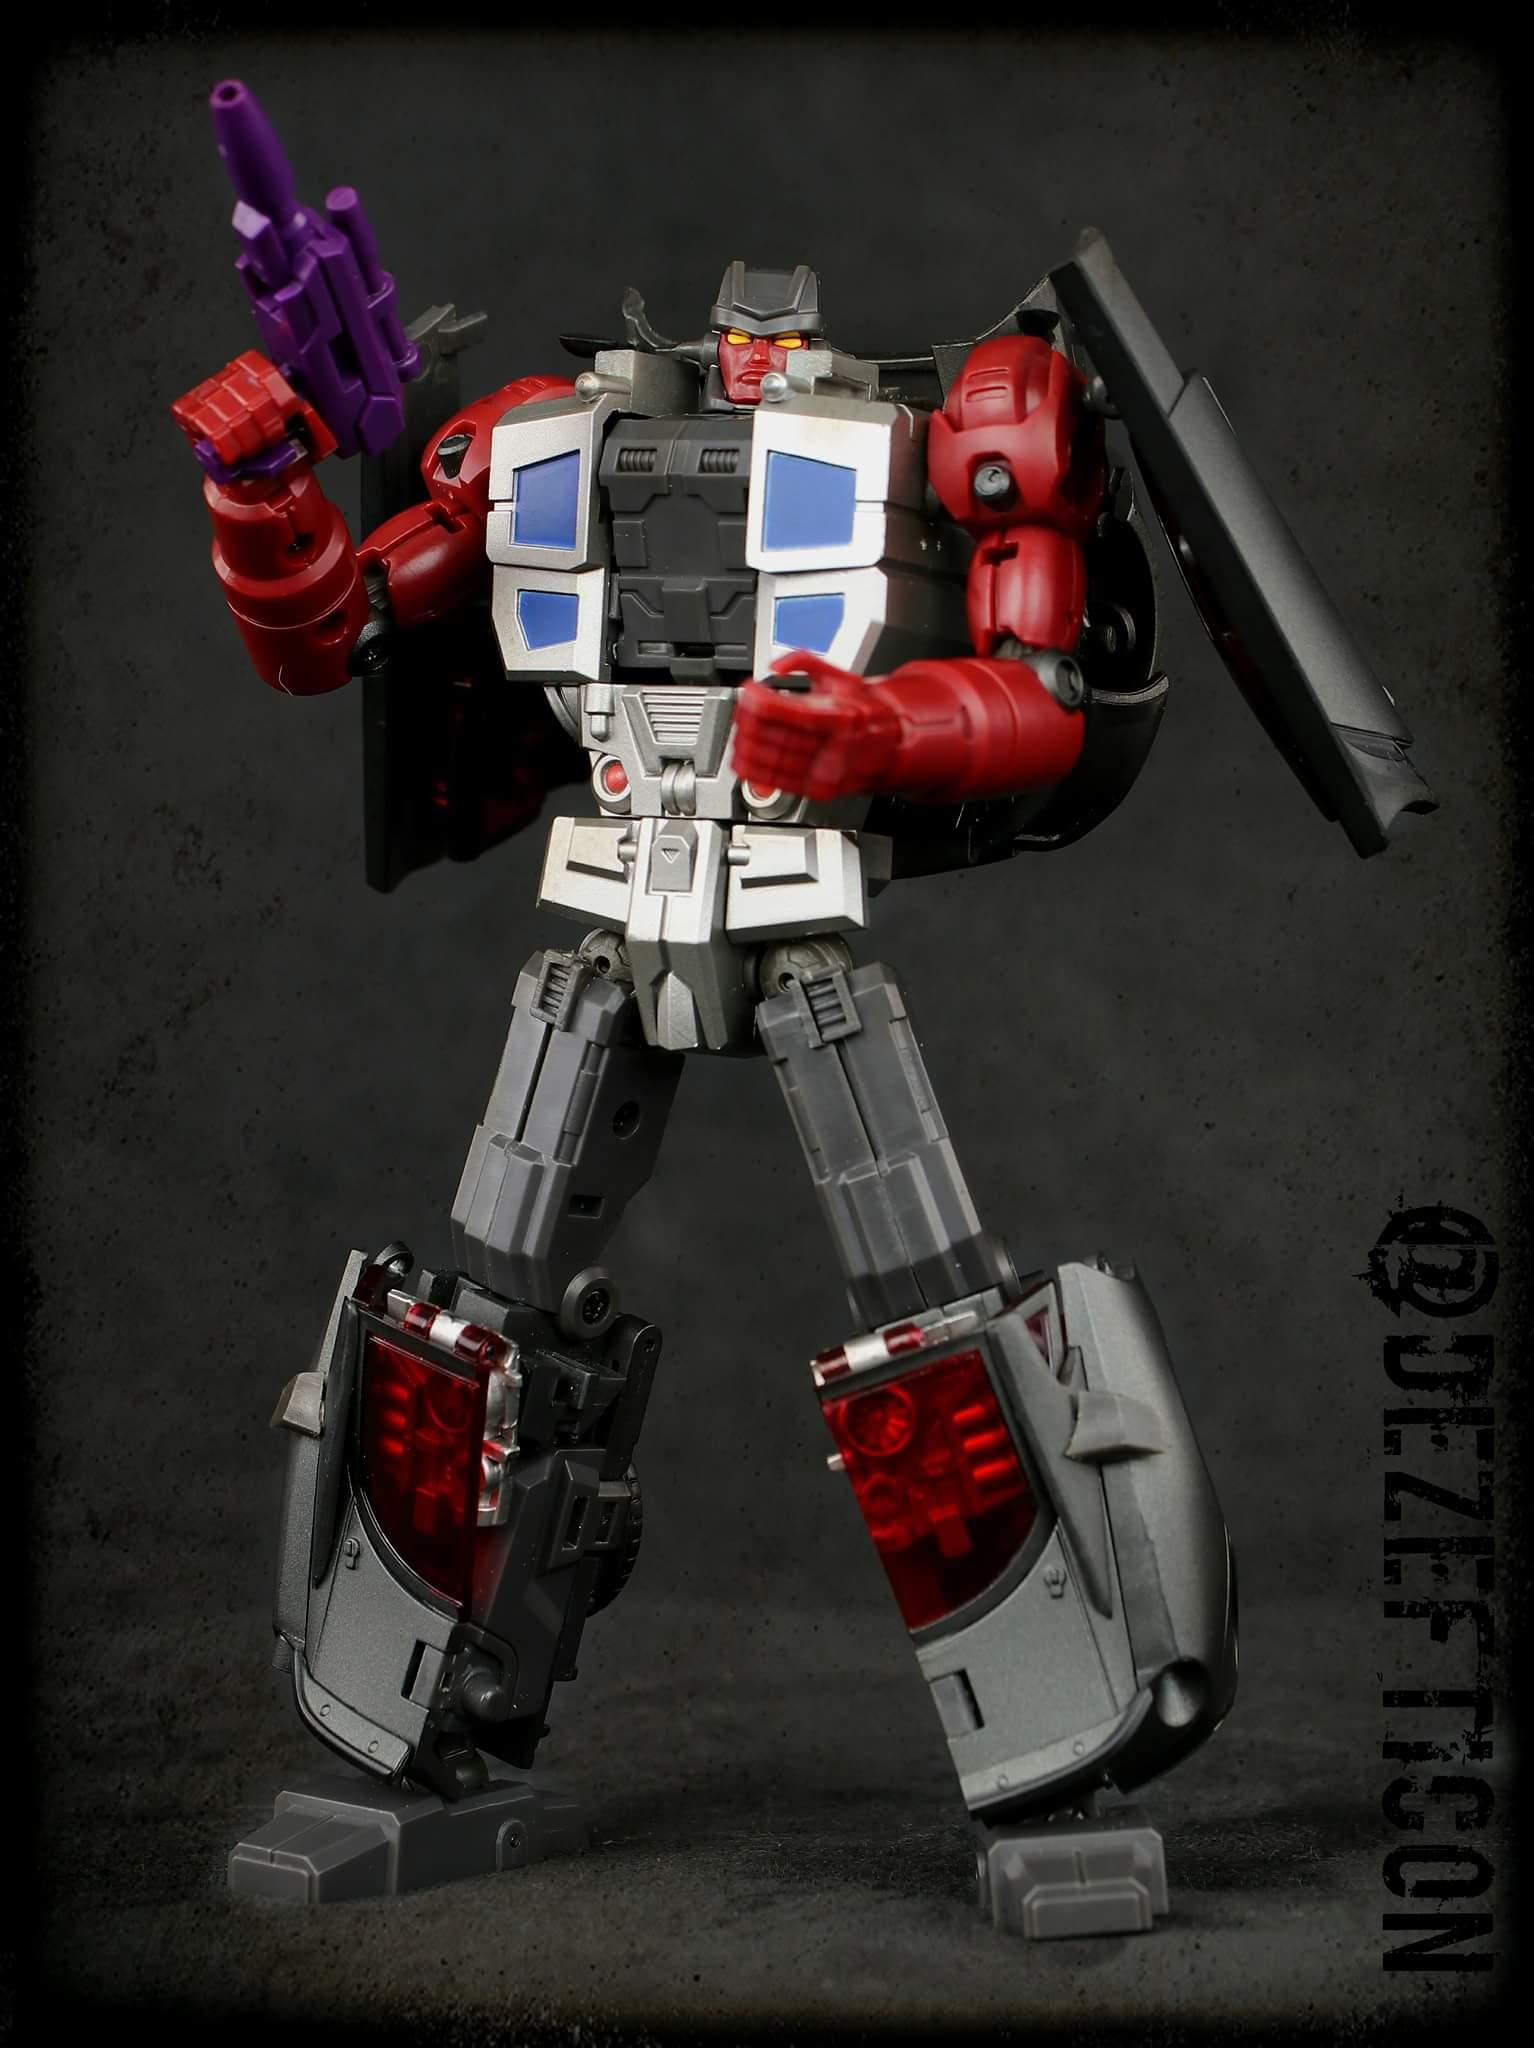 [Transform Mission] Produit Tiers - Jouet M-01 AutoSamurai - aka Menasor/Menaseur des BD IDW - Page 2 UDaIltE7